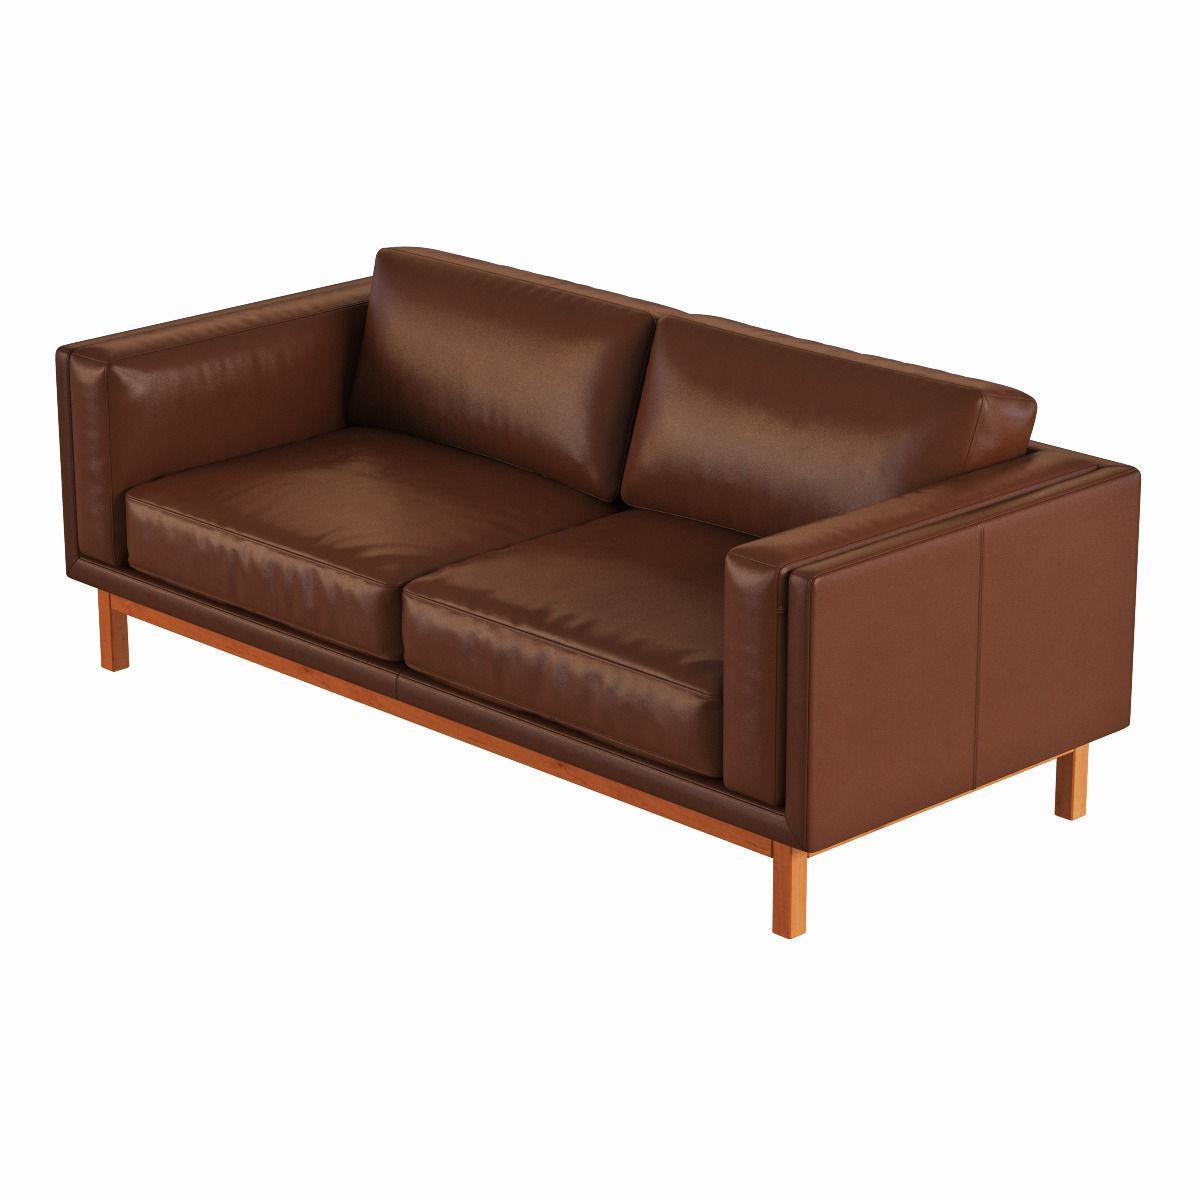 West elm dekalb leather sofa 3d model max obj fbx for Elm furniture